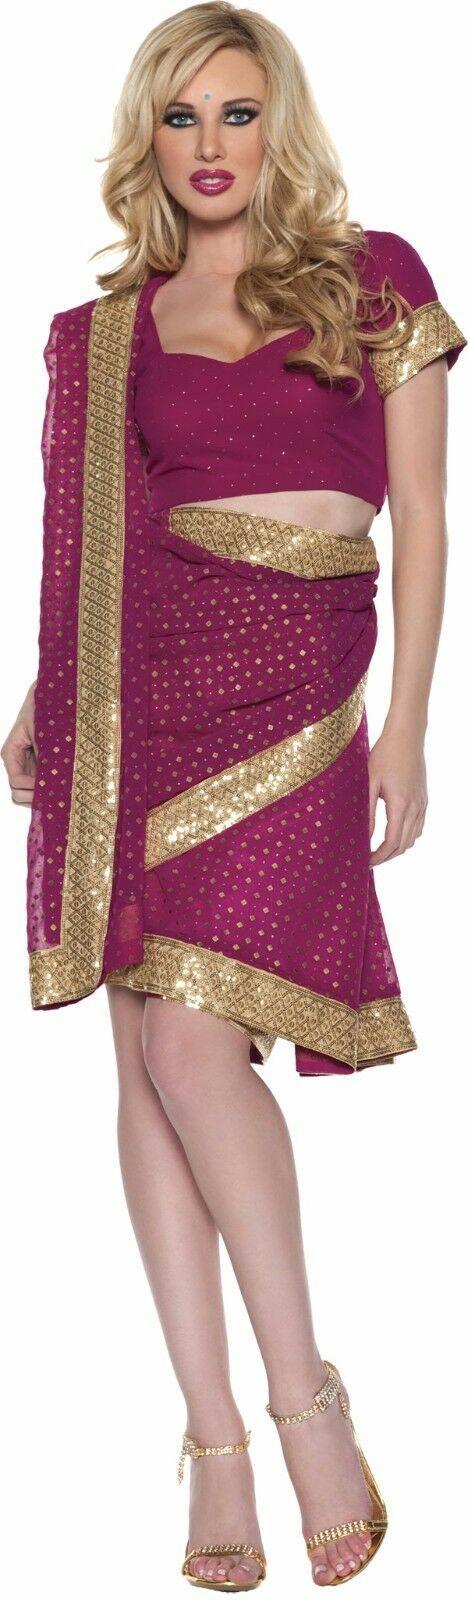 Underwraps Indio Bollywood Reina Adulto Disfraz Halloween